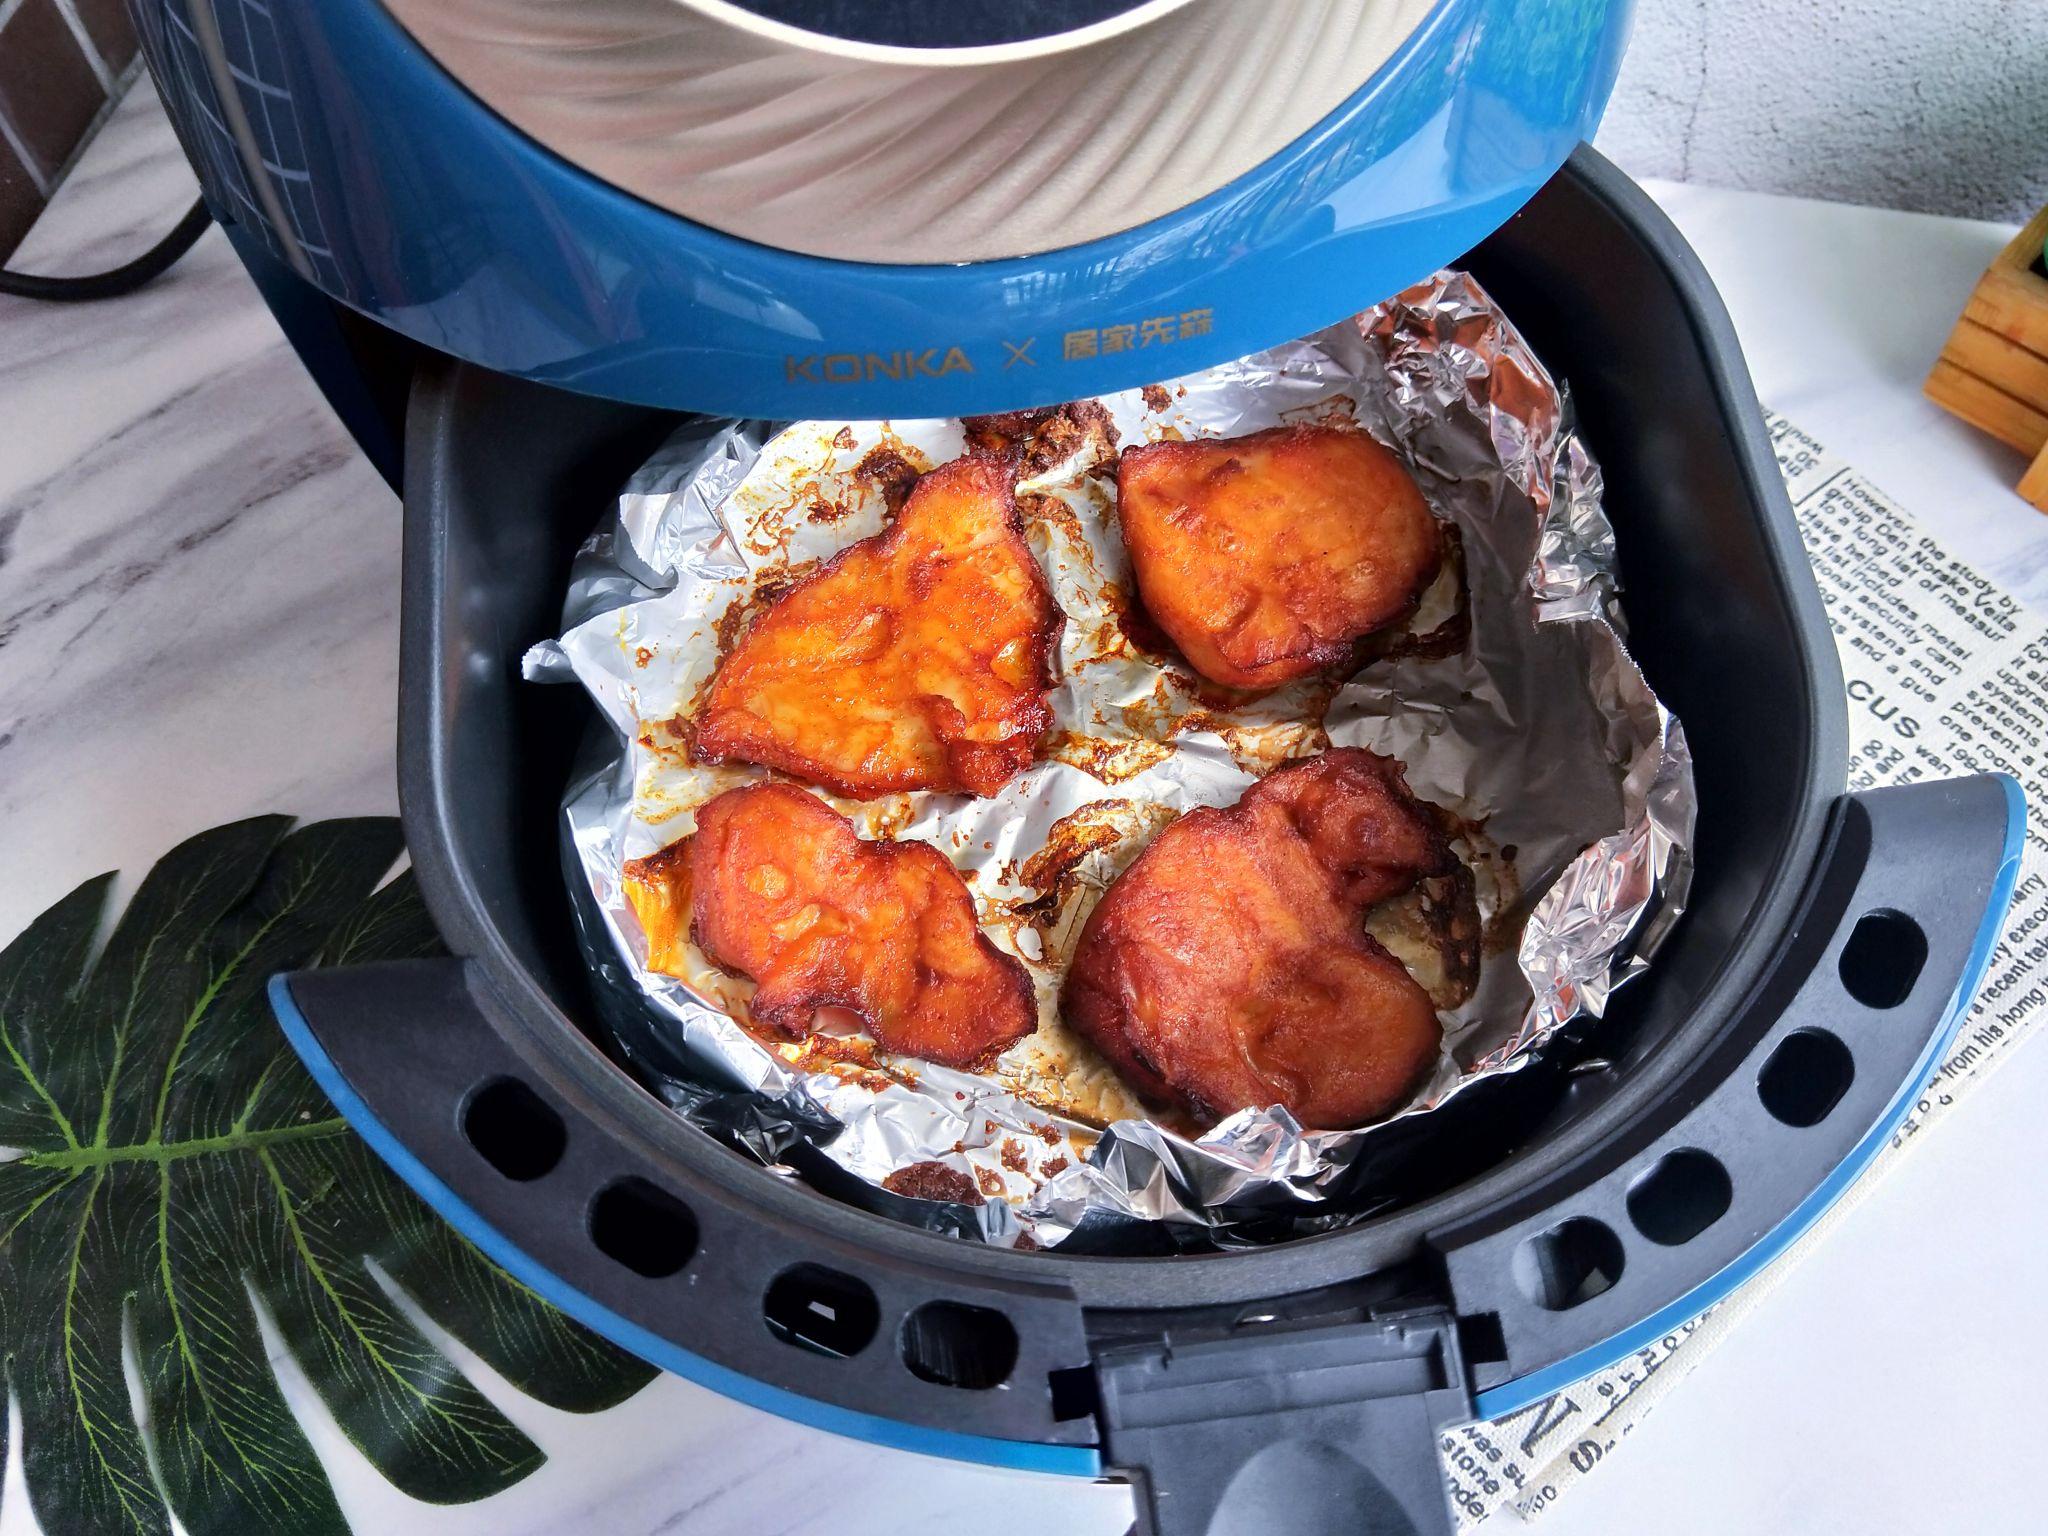 空气炸锅做的鸡扒,无油低脂可香了怎么炖